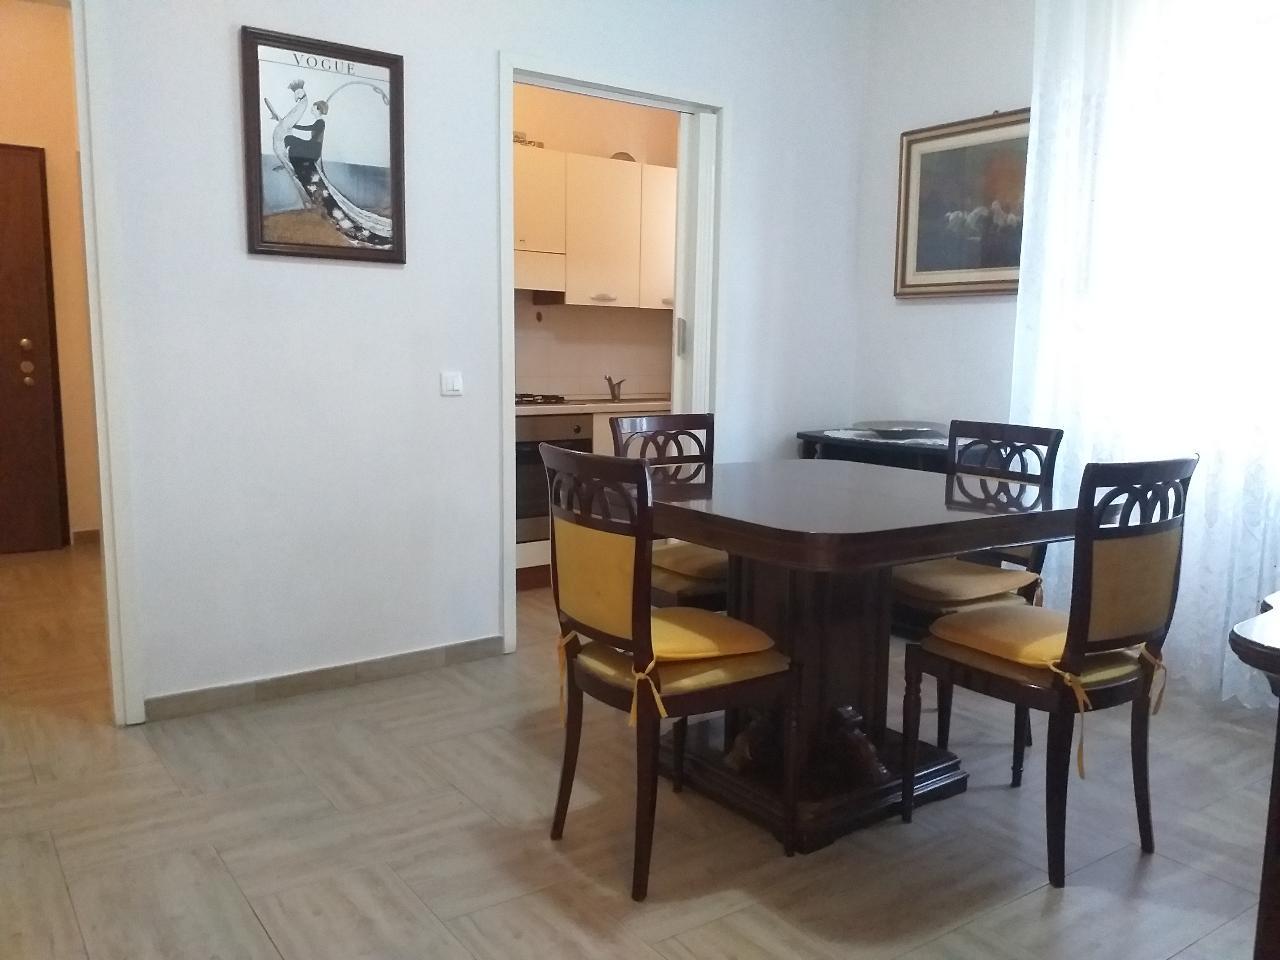 Appartamento CREMONA Euro 52.000,00